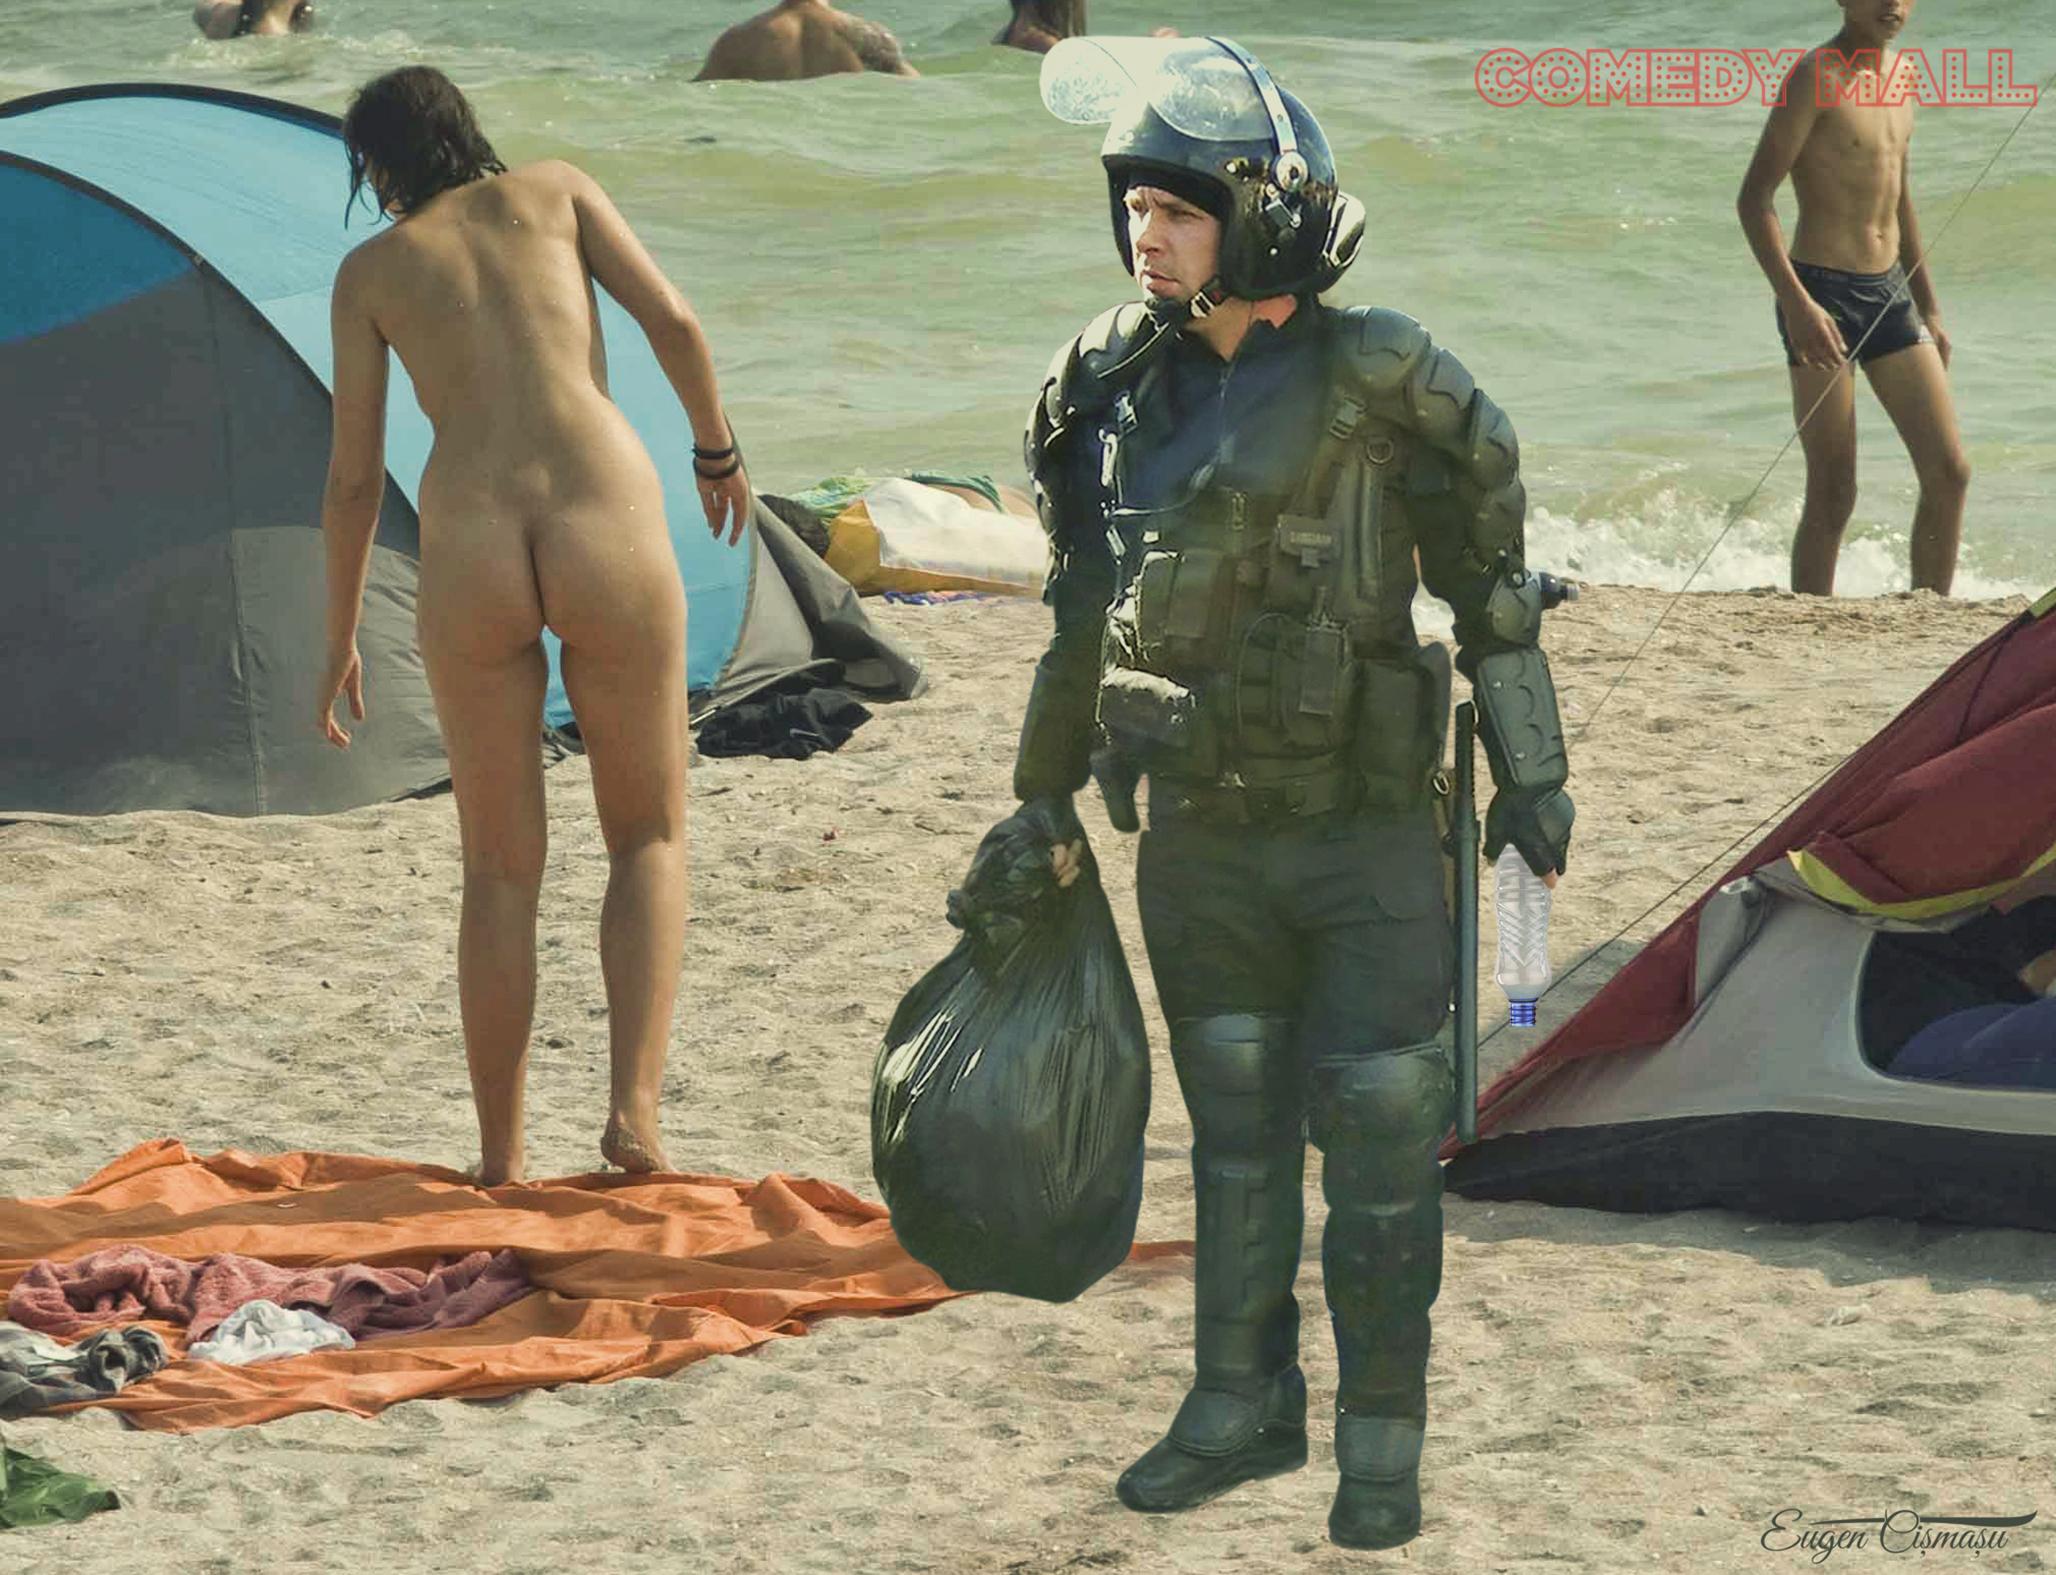 Azi ne bronzăm cu mâinile la spate! Jandarmii se luptă cu gunoaiele pe plaja din Vama Veche!